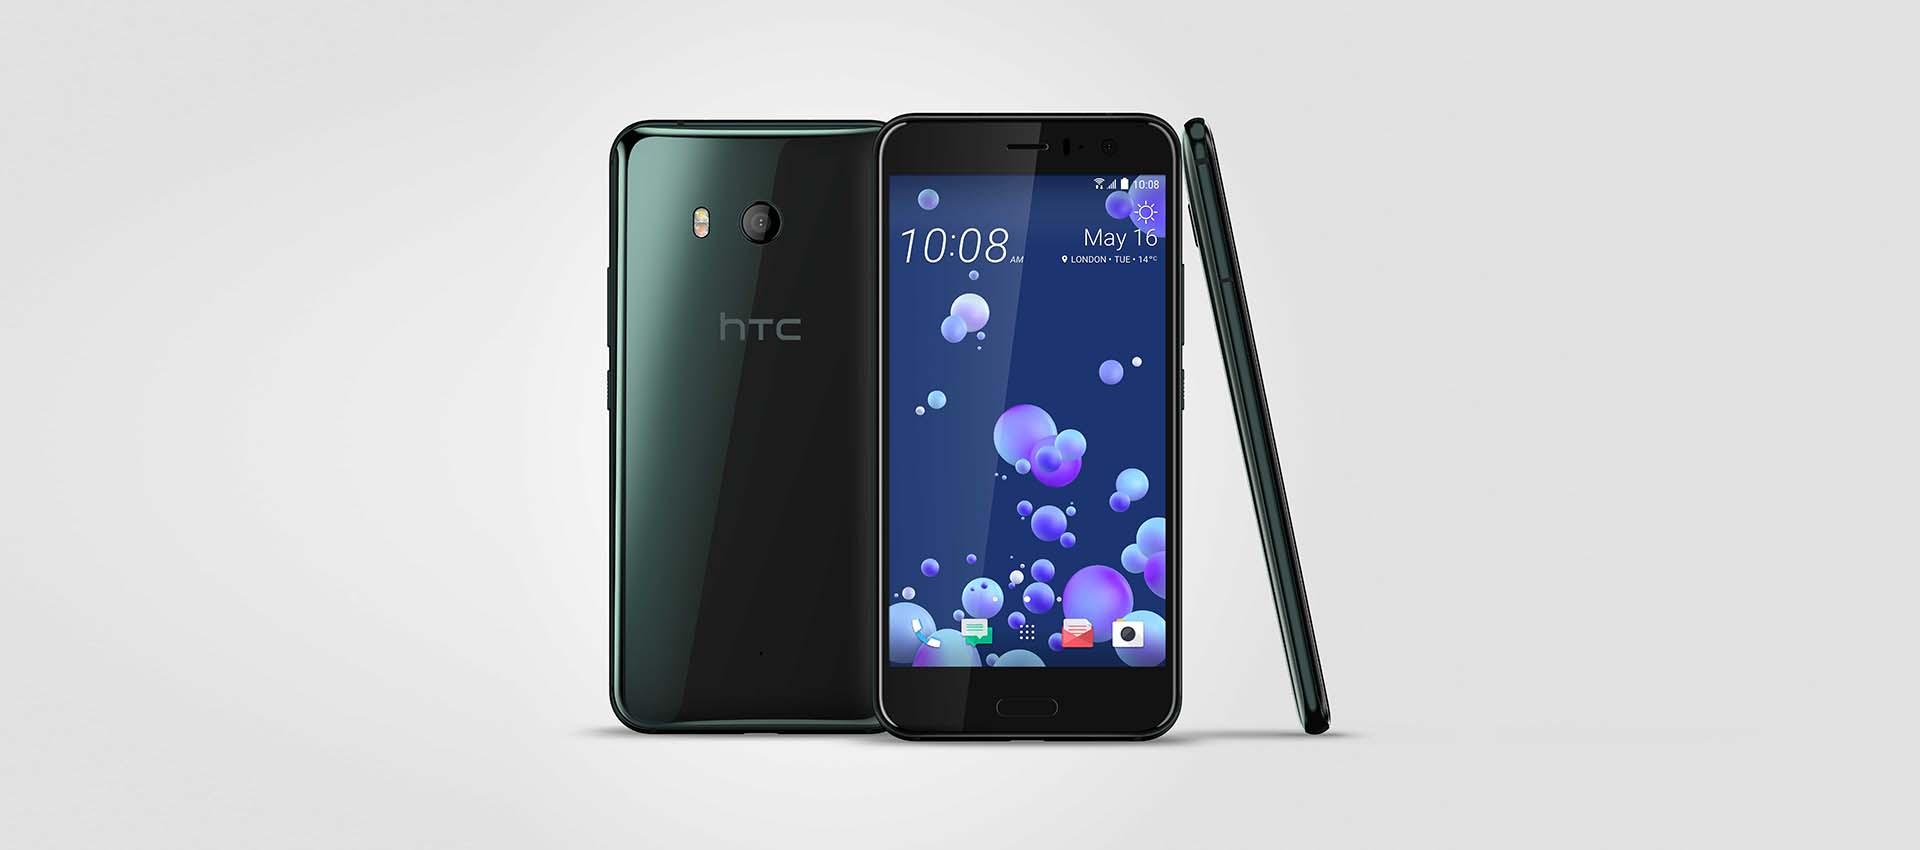 HTC U 11: Najviša ocjena IKAD dodijeljena kameri pametnog telefona